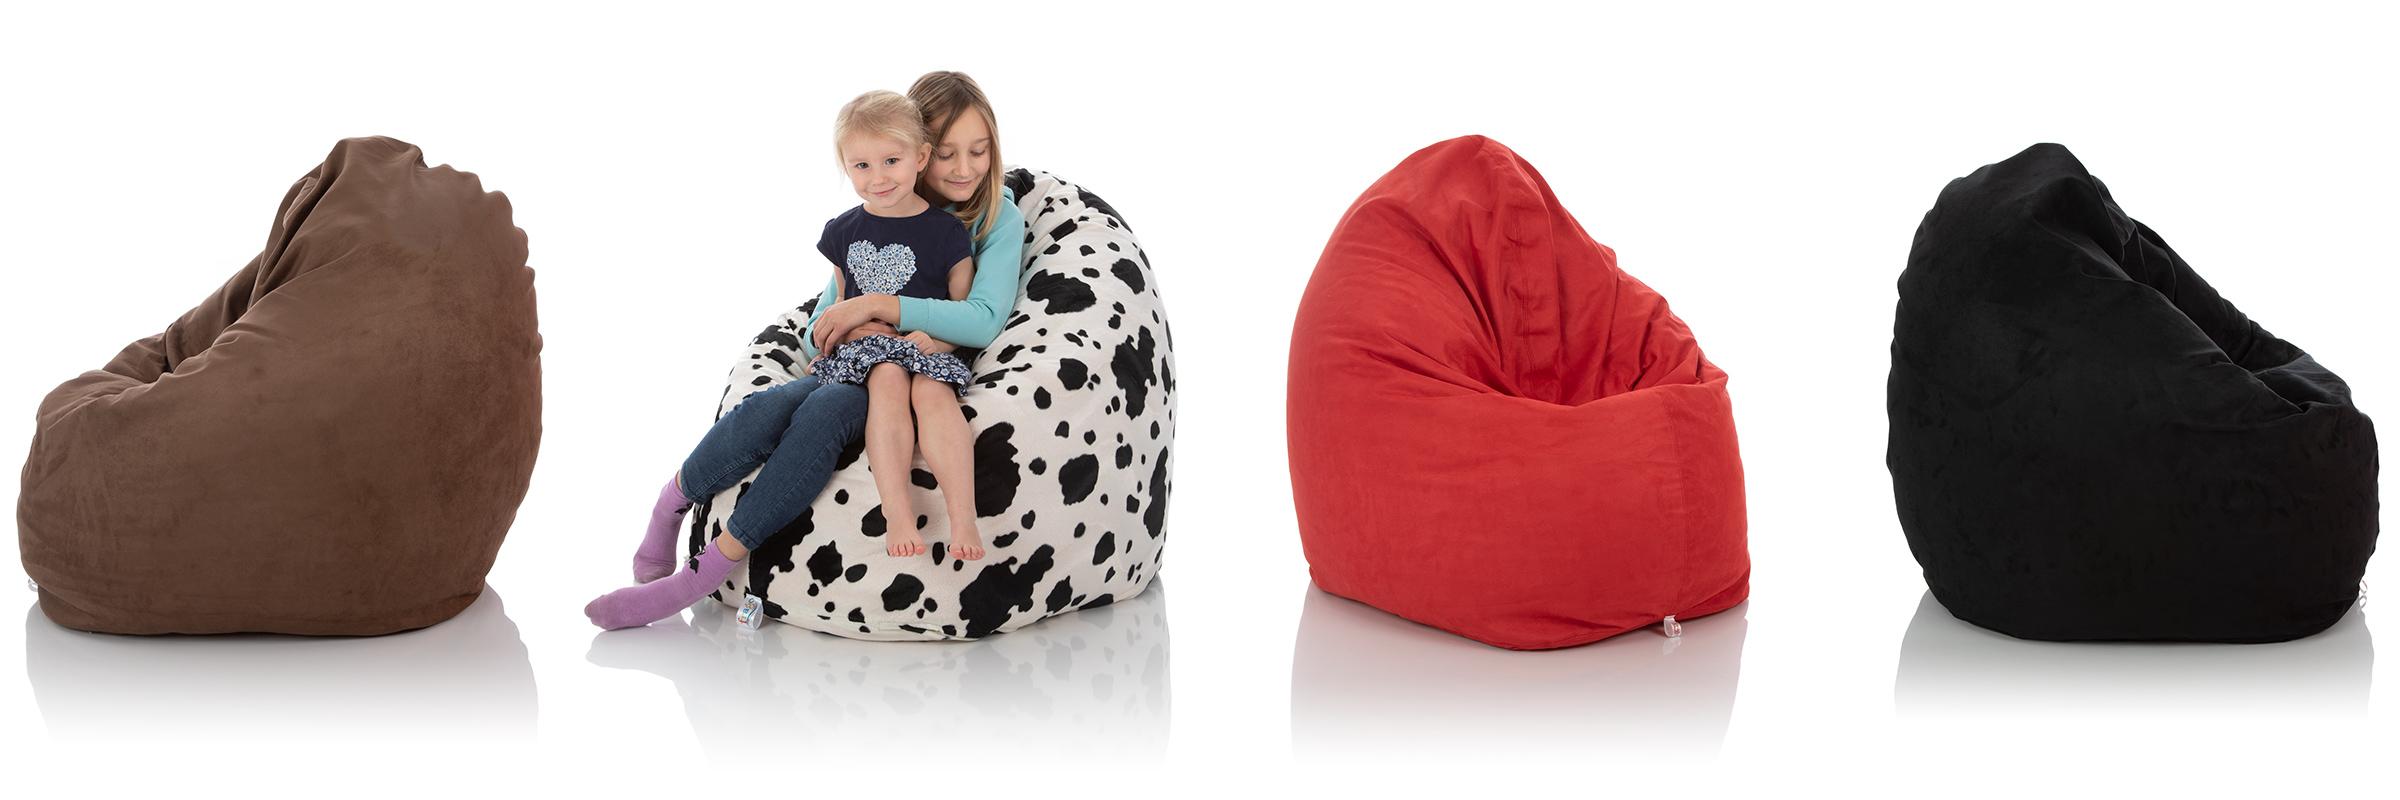 Kinder-Sitzsack braun, schwarz-weiß, rot und schwarz im Vergleich mit zwei jungen Mädchen